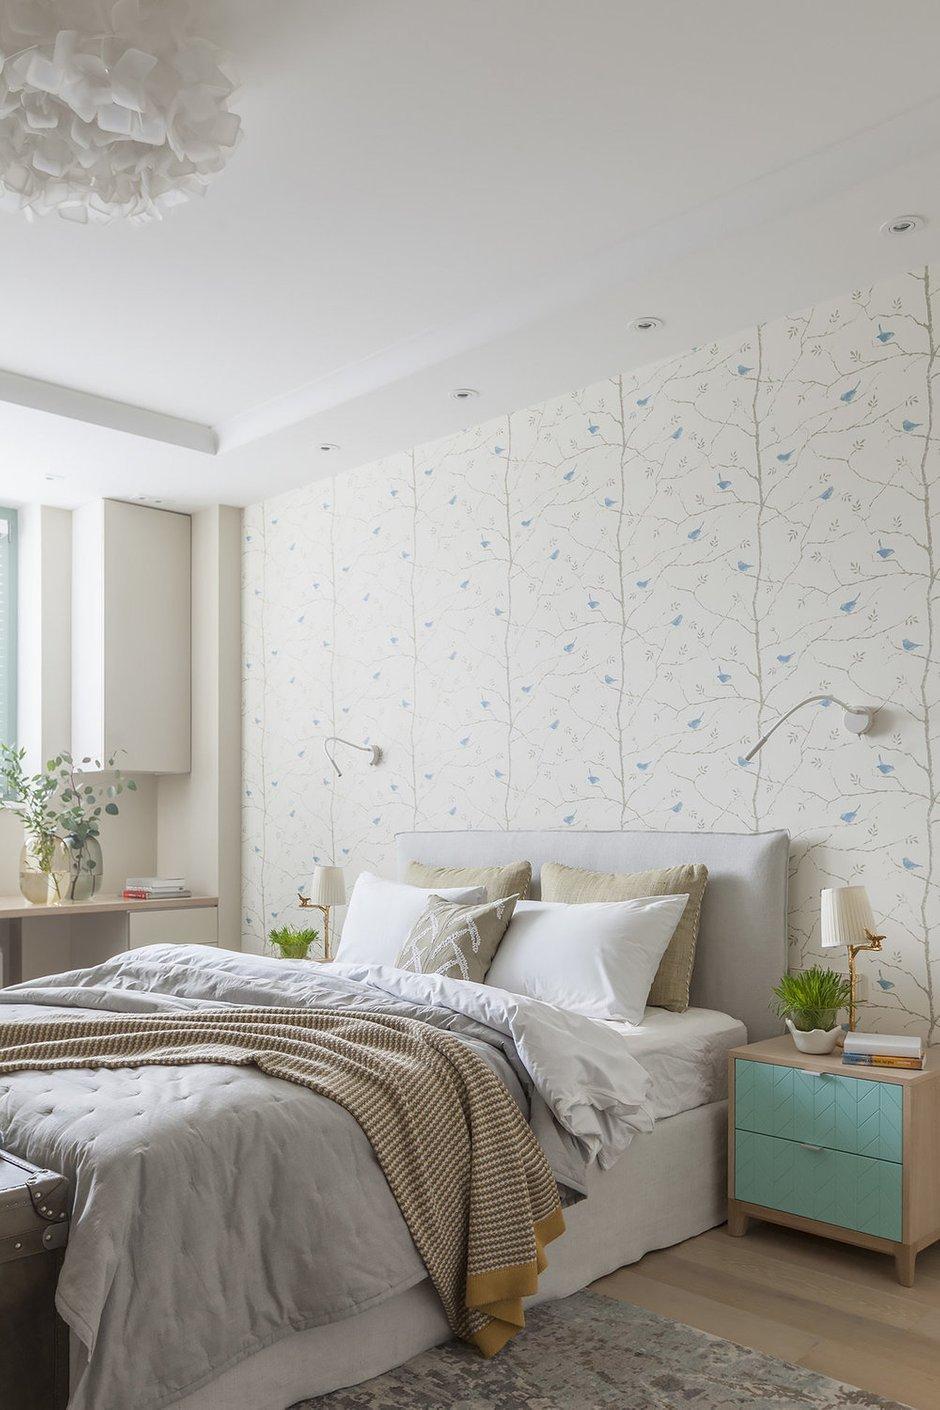 Фотография: Спальня в стиле Современный, Квартира, Проект недели, Москва, 2 комнаты, 60-90 метров, Виктория Скоробогатько – фото на INMYROOM